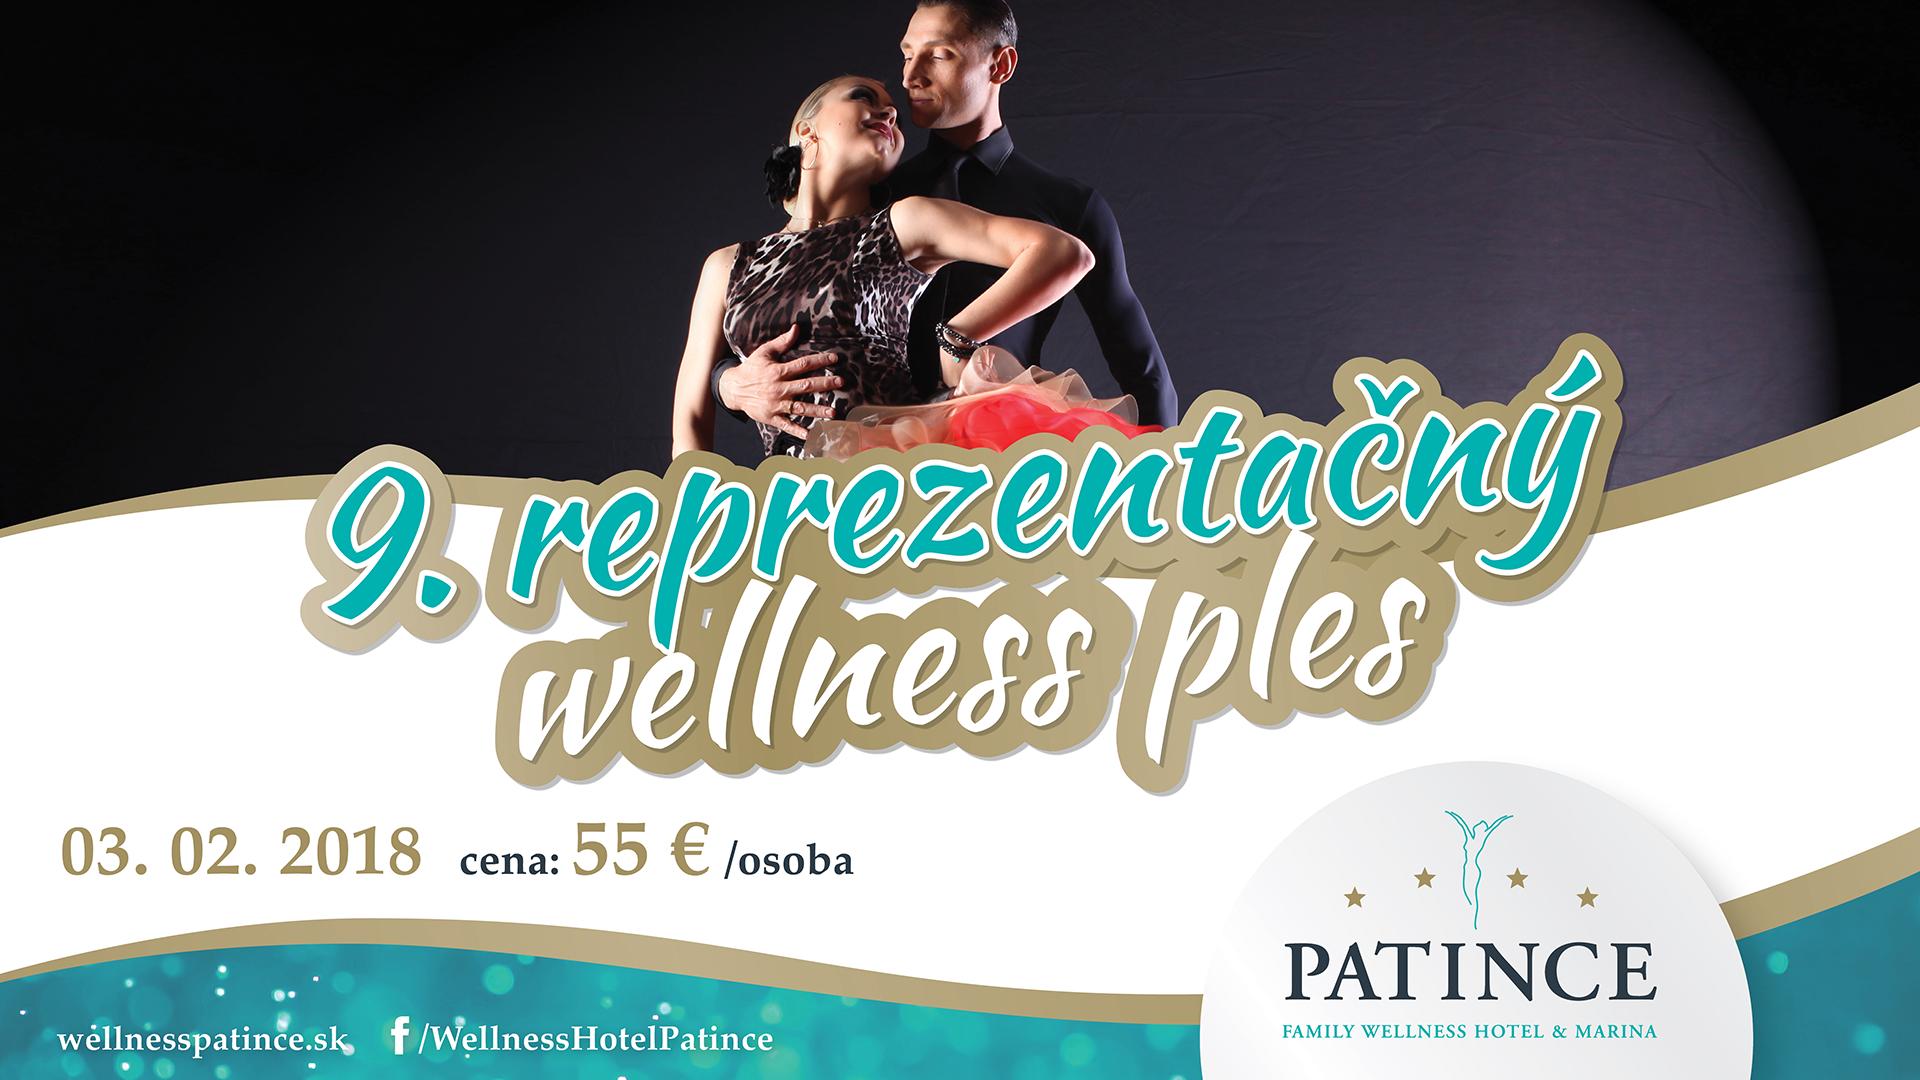 8d7797f49 9.reprezetačný wellnes ples v Patinciach - Služby a rôzne | moja Nitra